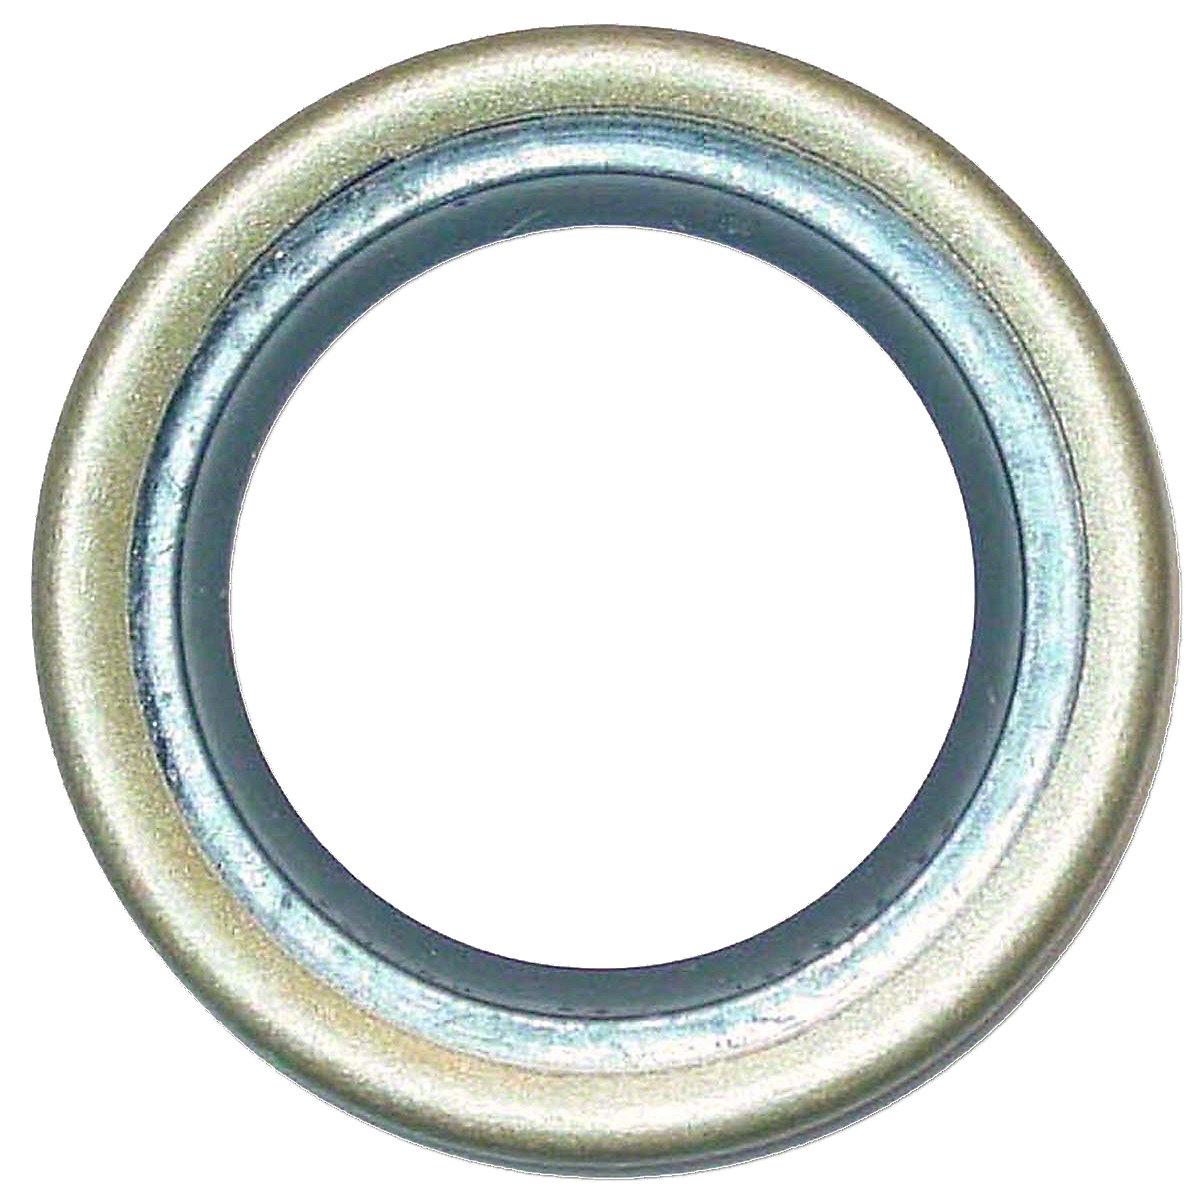 Transmission Input Shaft Seal For Allis Chalmers:  7010, 7020, 7040, 7045, 7060, 8010, 8030, 8050, 8070.